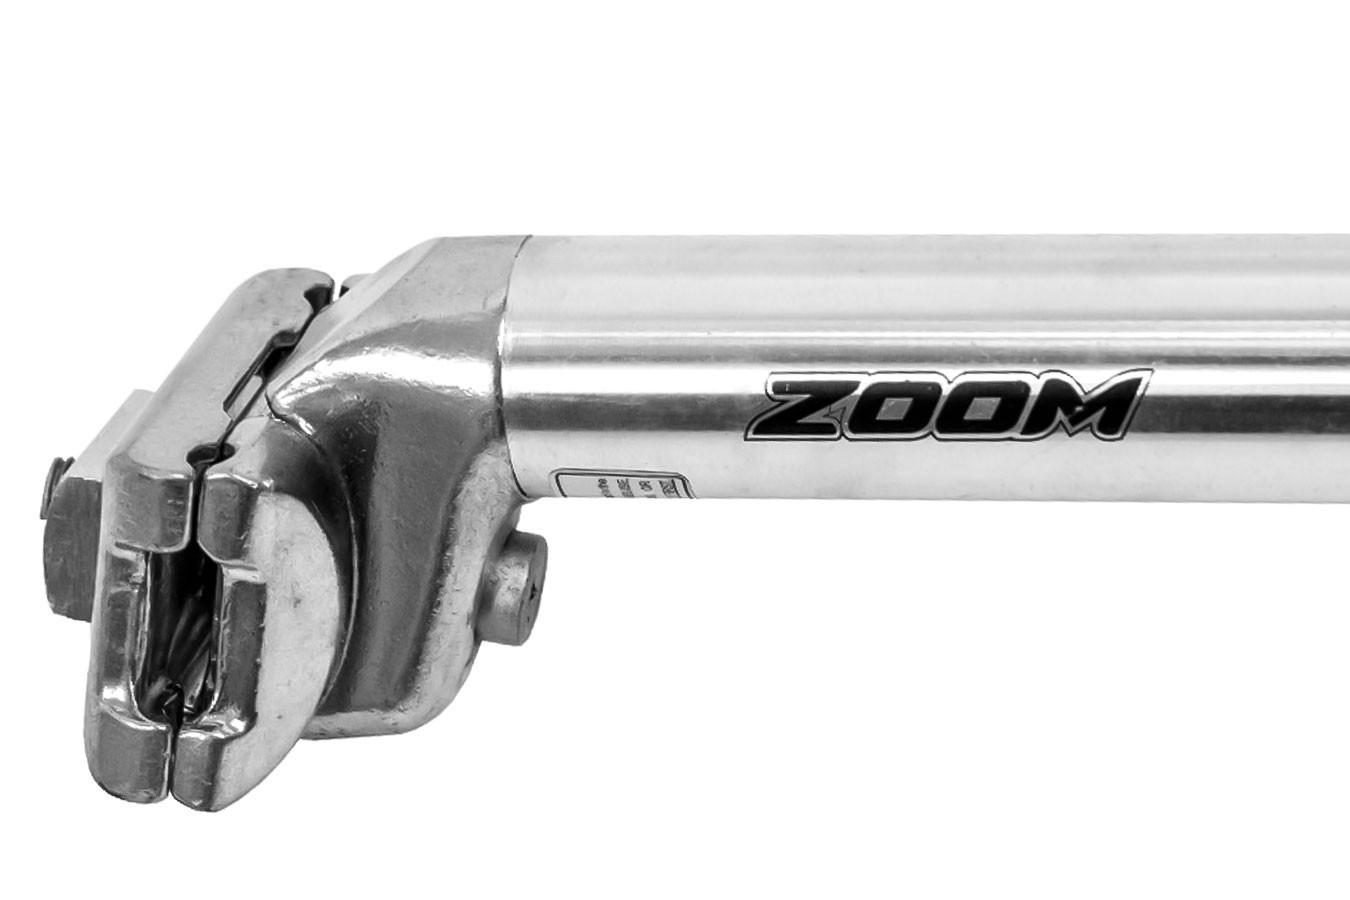 Canote Selim 26,2 x 350mm com Carrinho Polido- Zoom